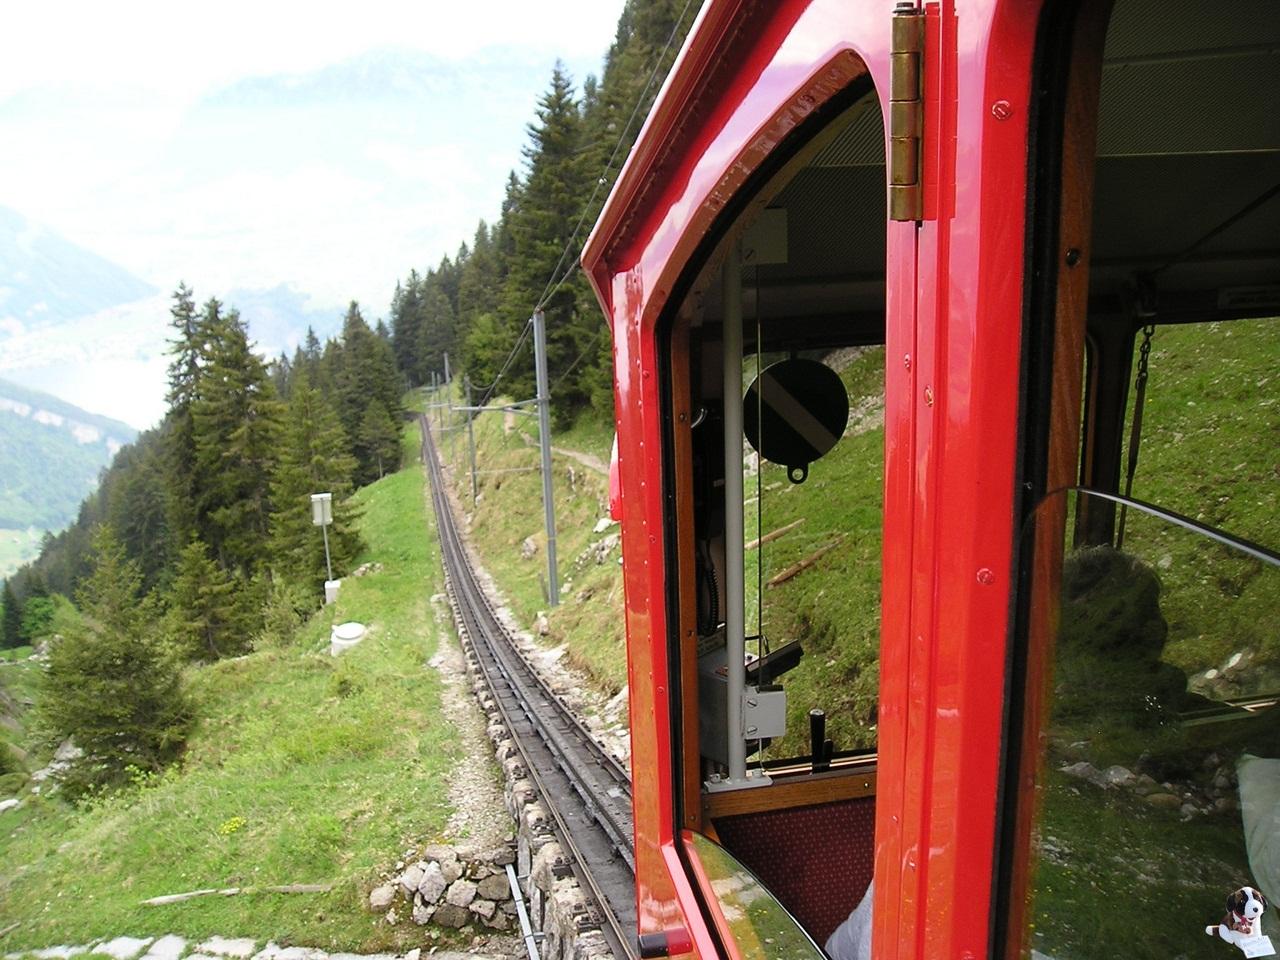 По маршруту Пилатусбан курсируют 10 вагонов вместимостью 40 человек каждый. Максимальная пропускная